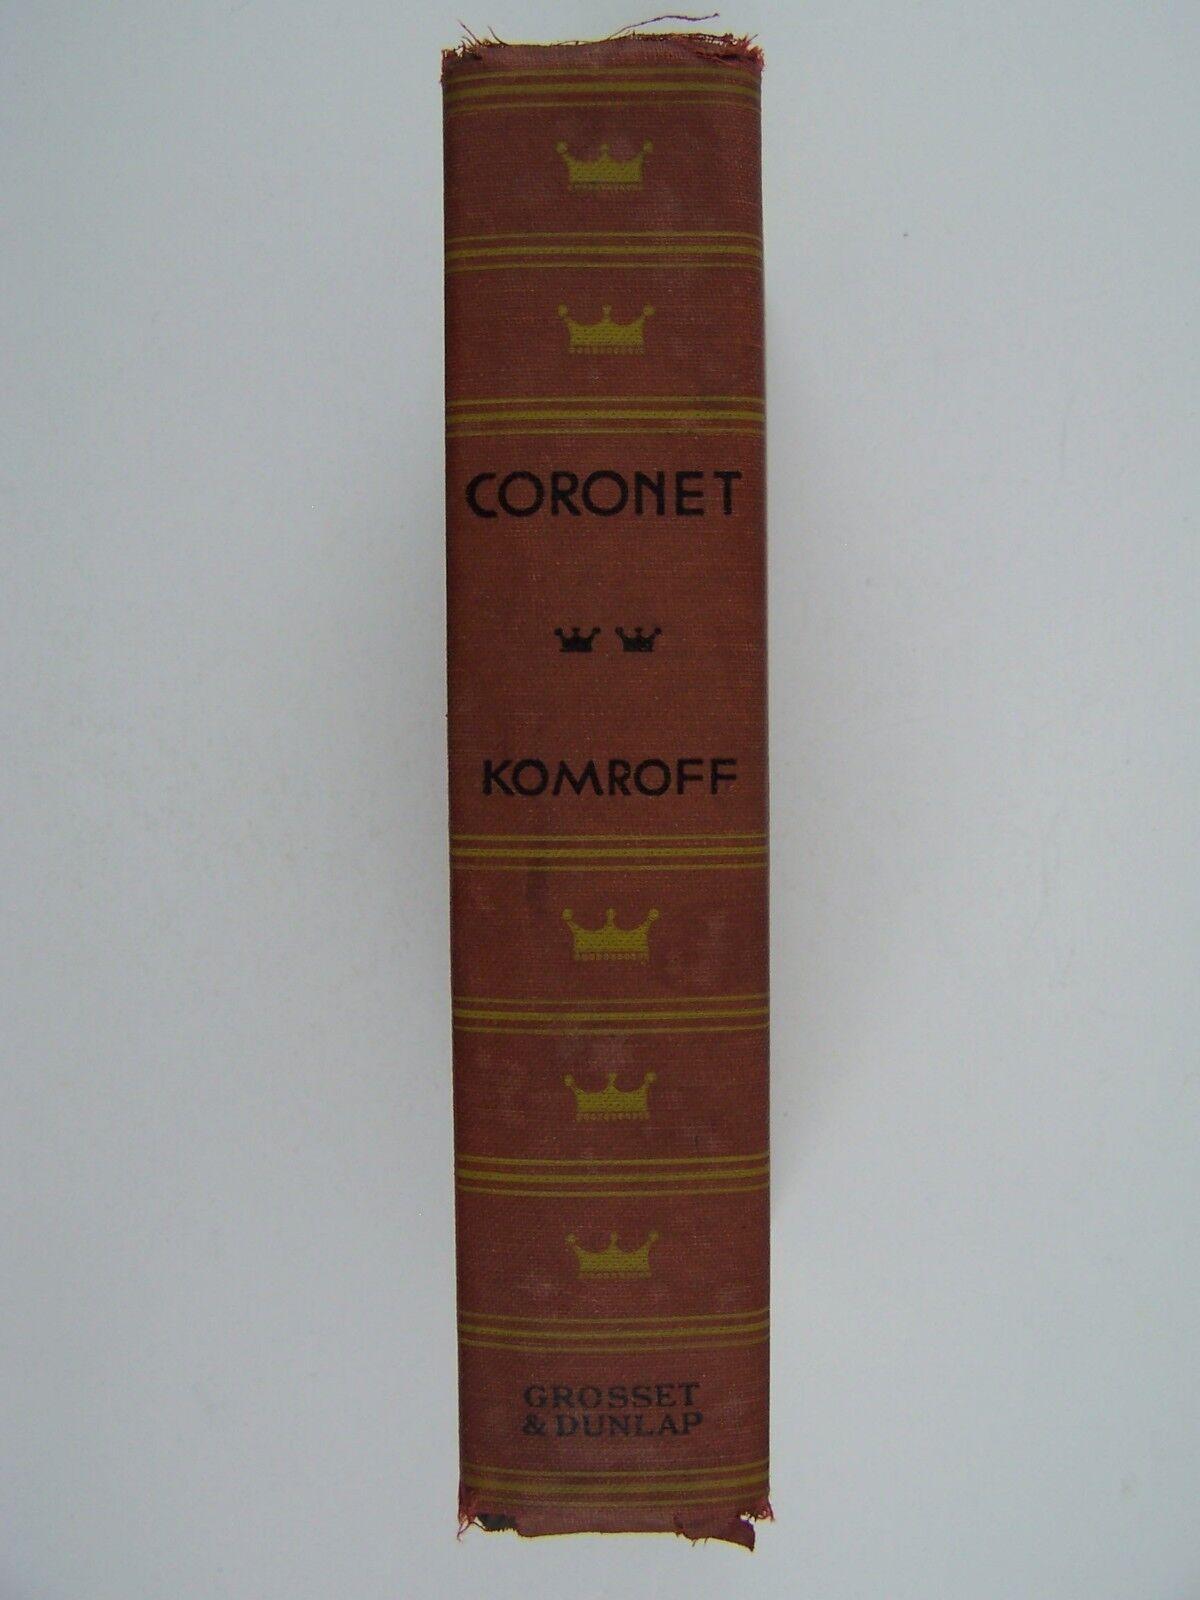 Manuel Komroff: Coronet Hardcover 1930